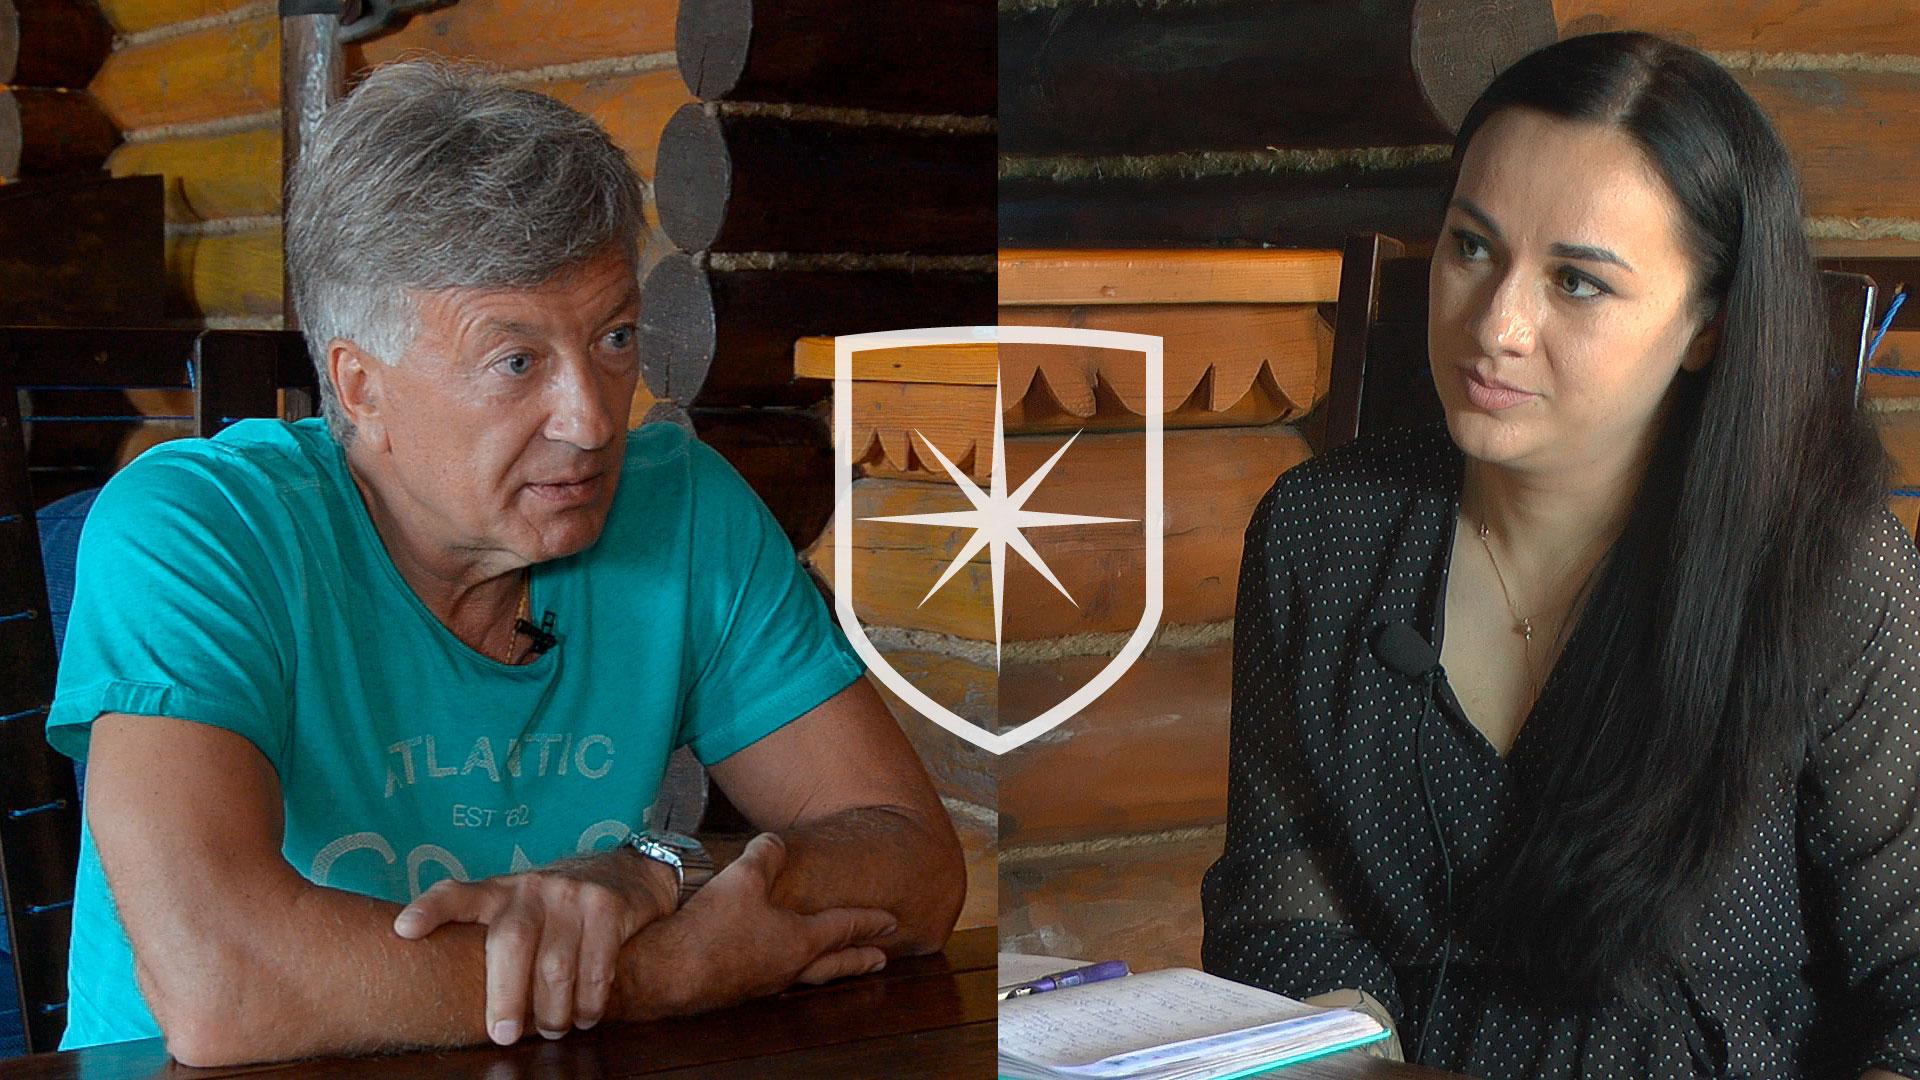 Интервью с Сергеем Старуном | Прихист